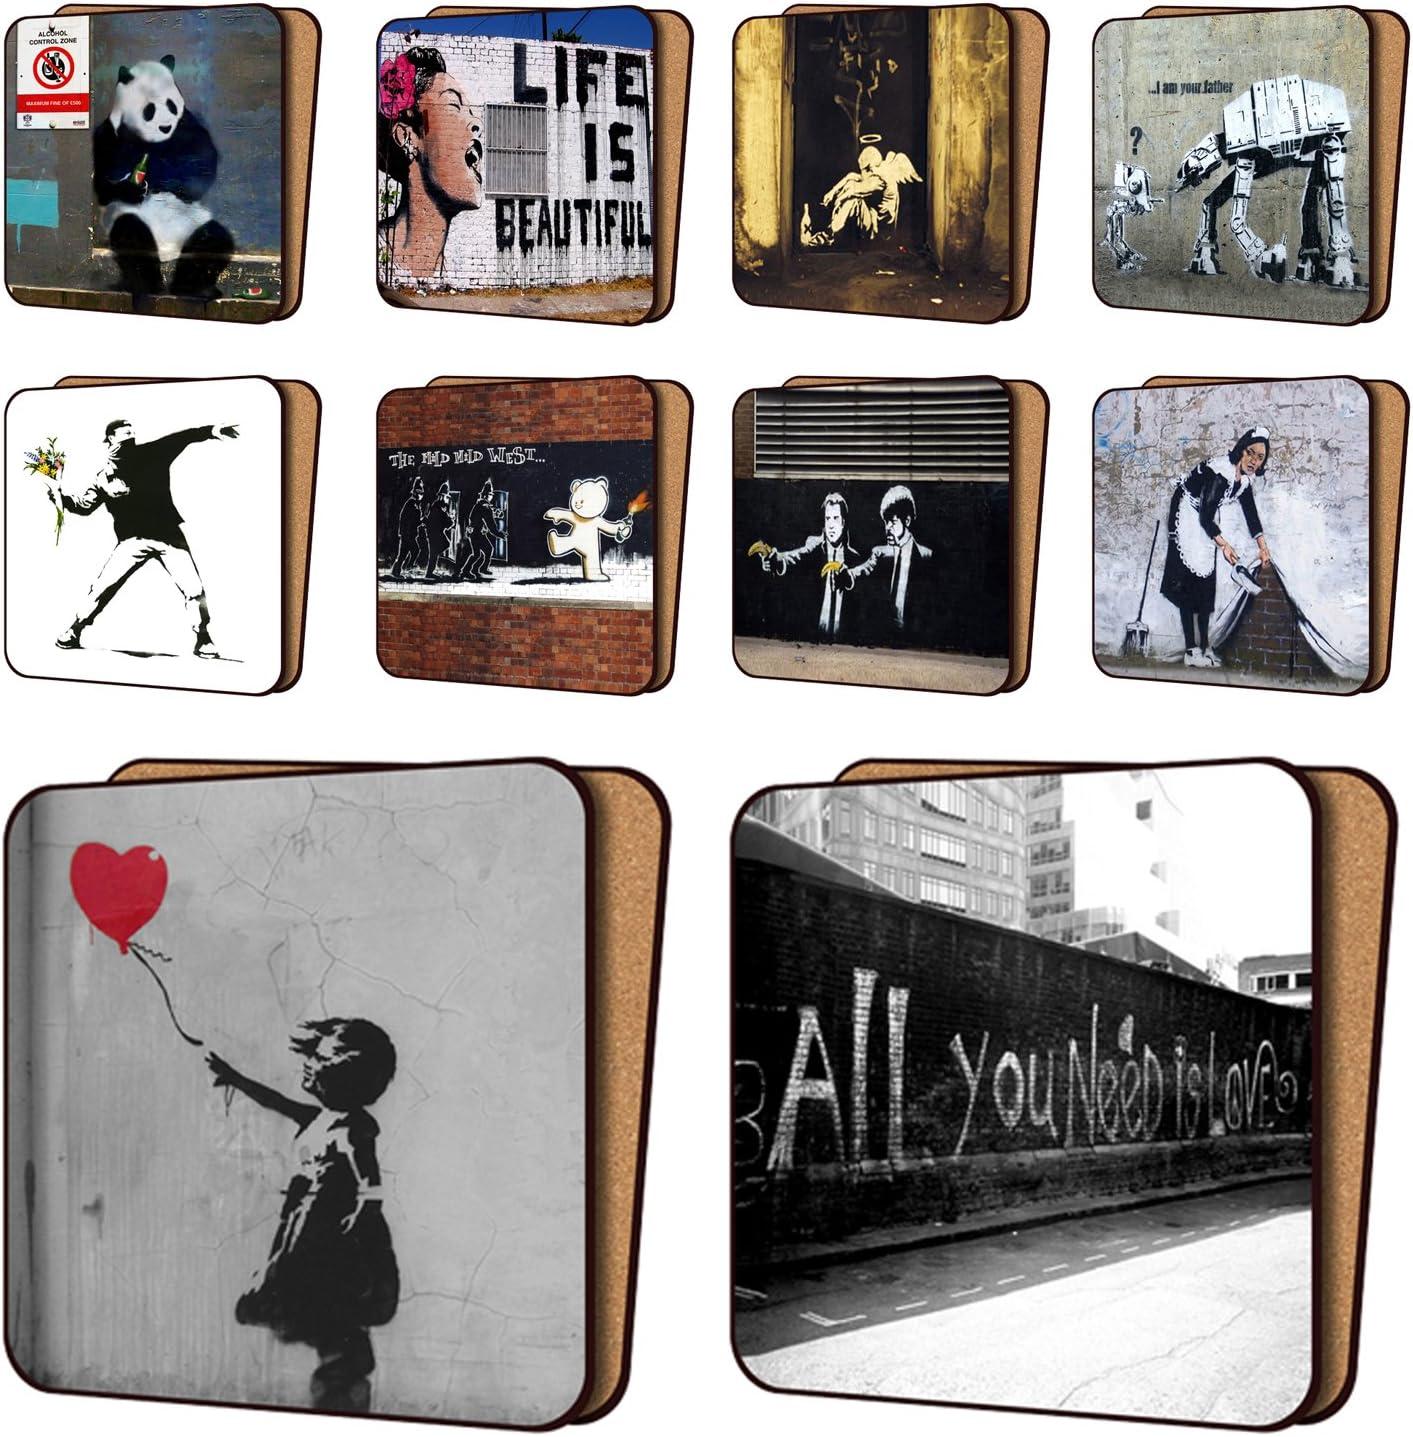 Juego de 10 posavasos de Banksy con impresión a color de 11 x 11 cm, de Art Okay